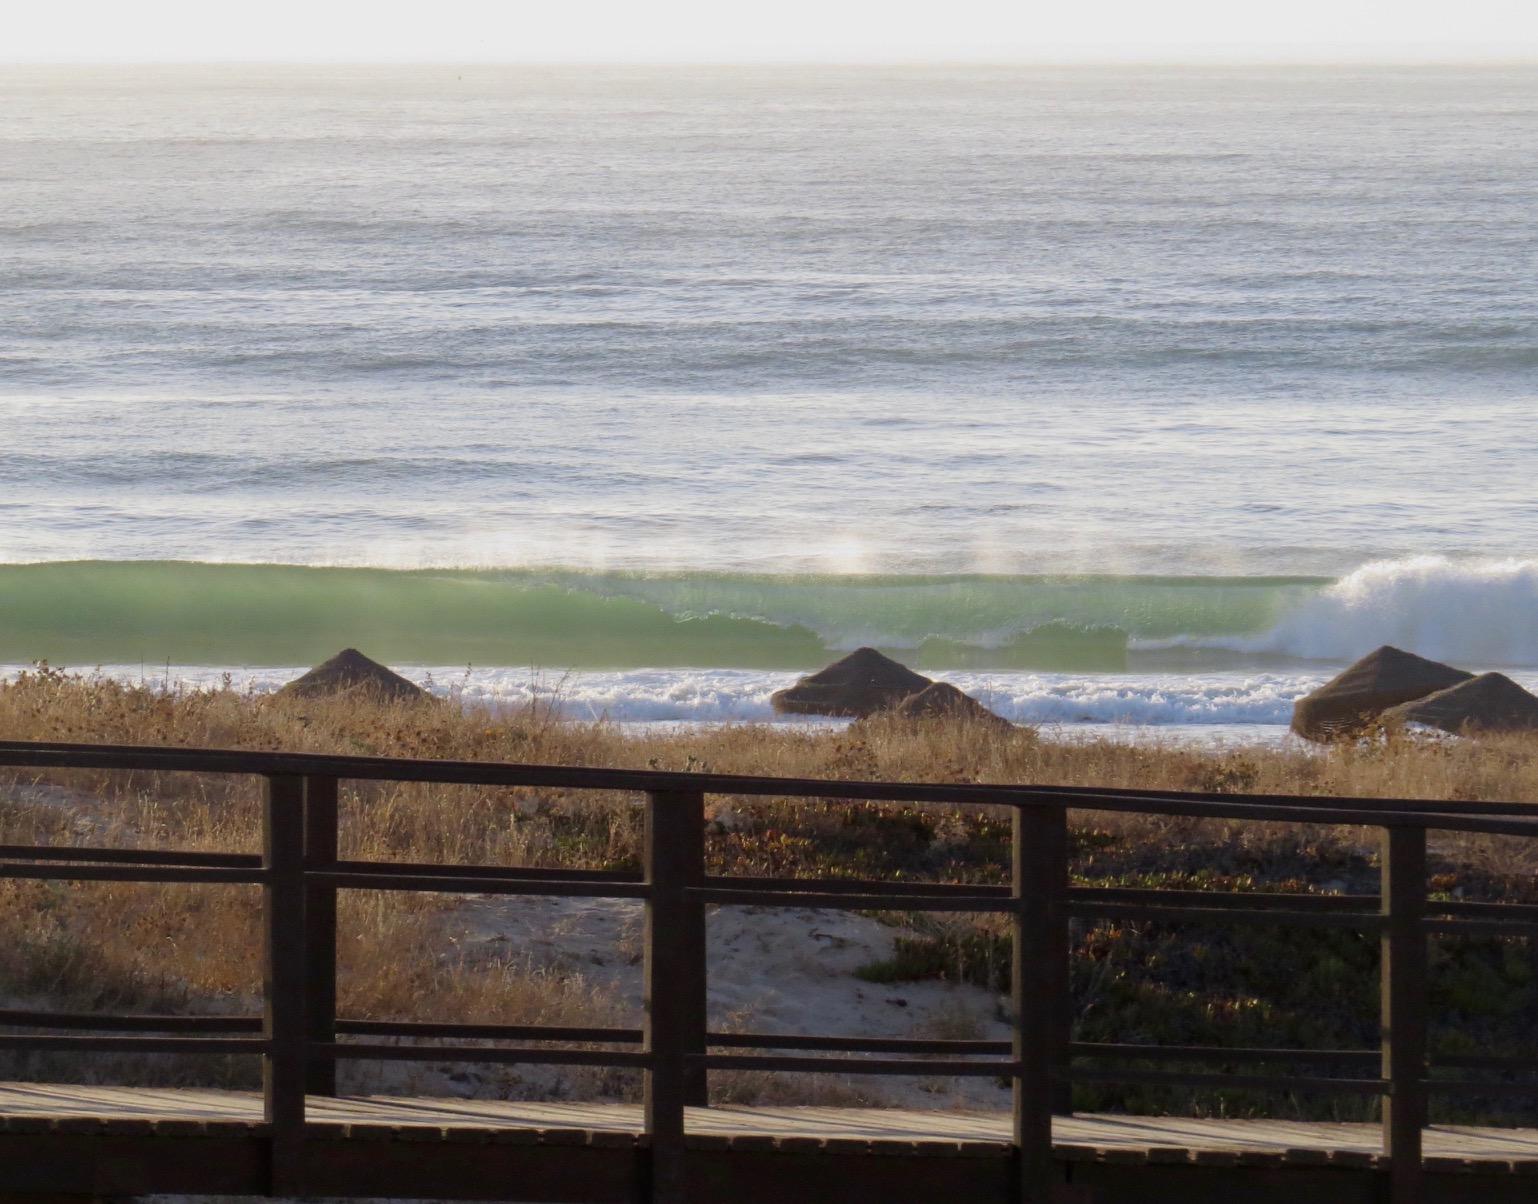 meia praia offhore